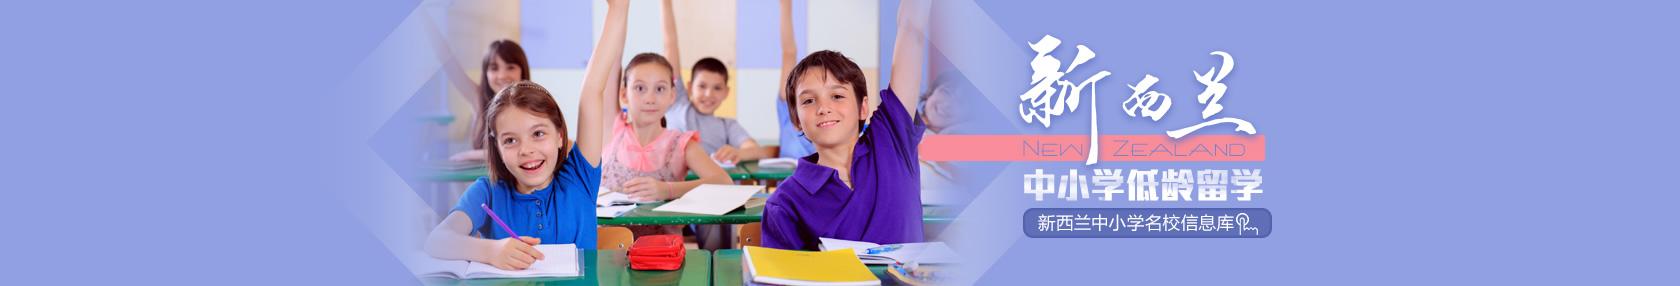 【院校库】新西兰中小学低龄留学名校信息库